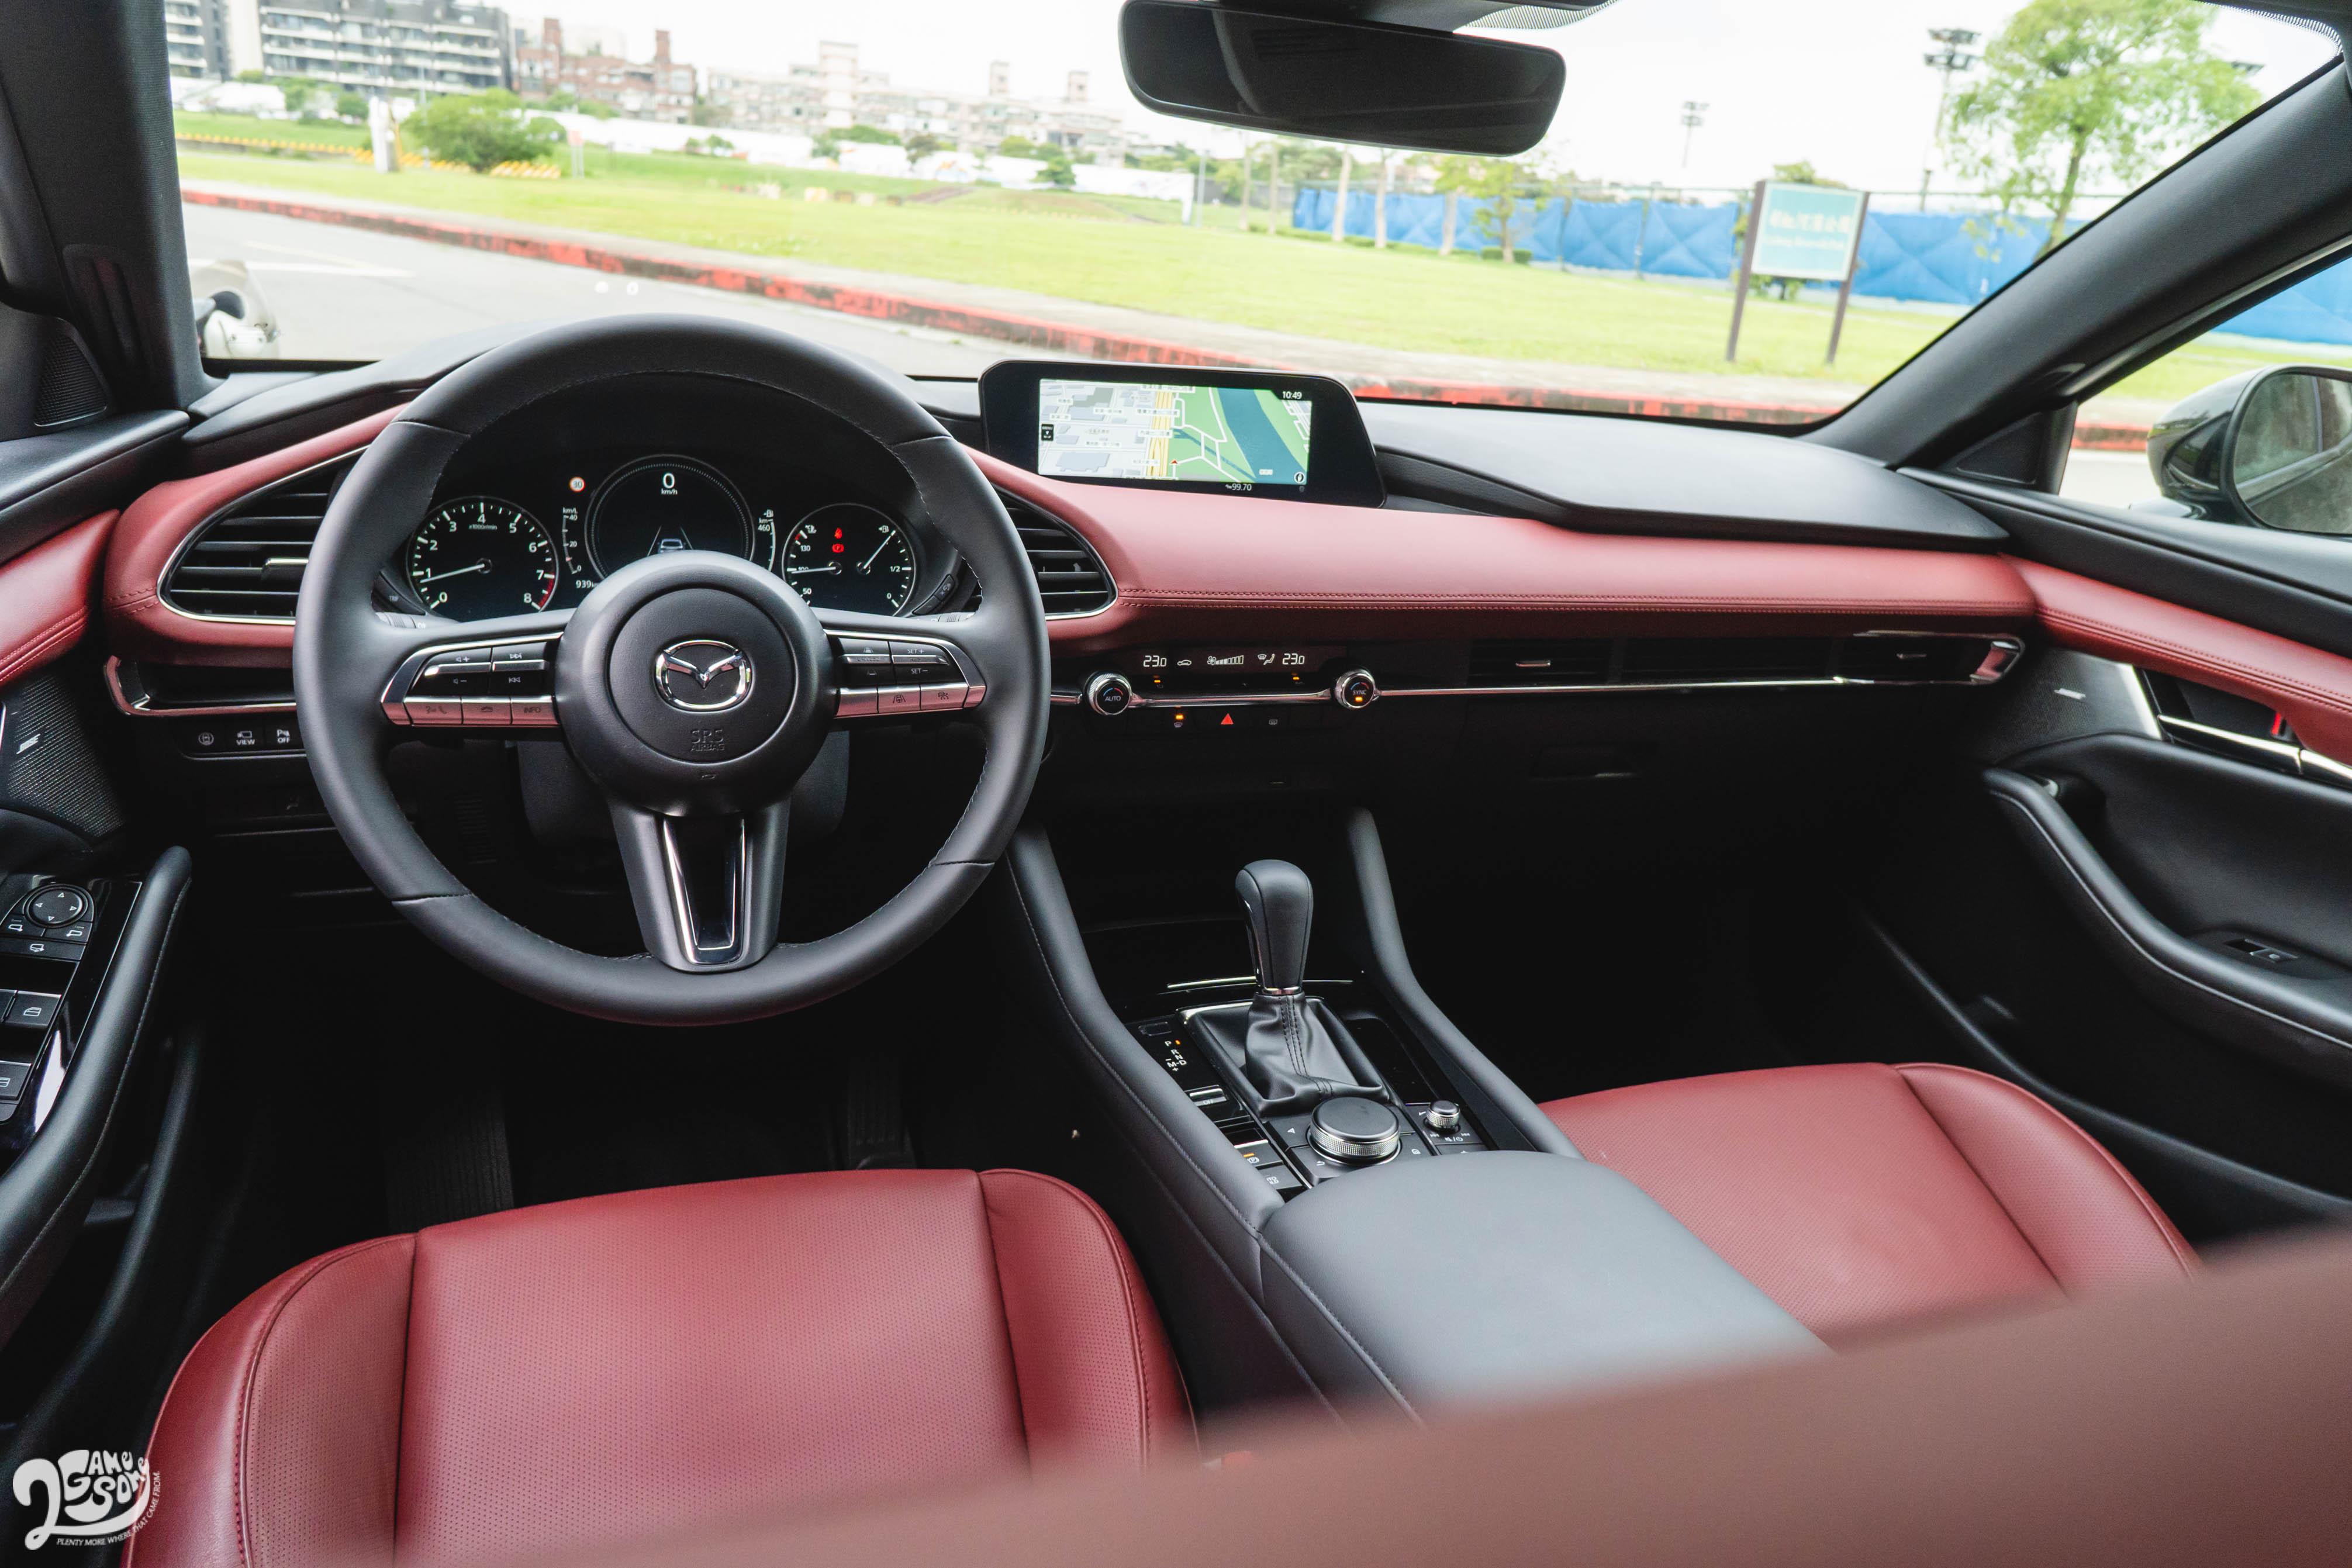 Mazda3 旗艦進化型提供「酒韻紅內裝」。